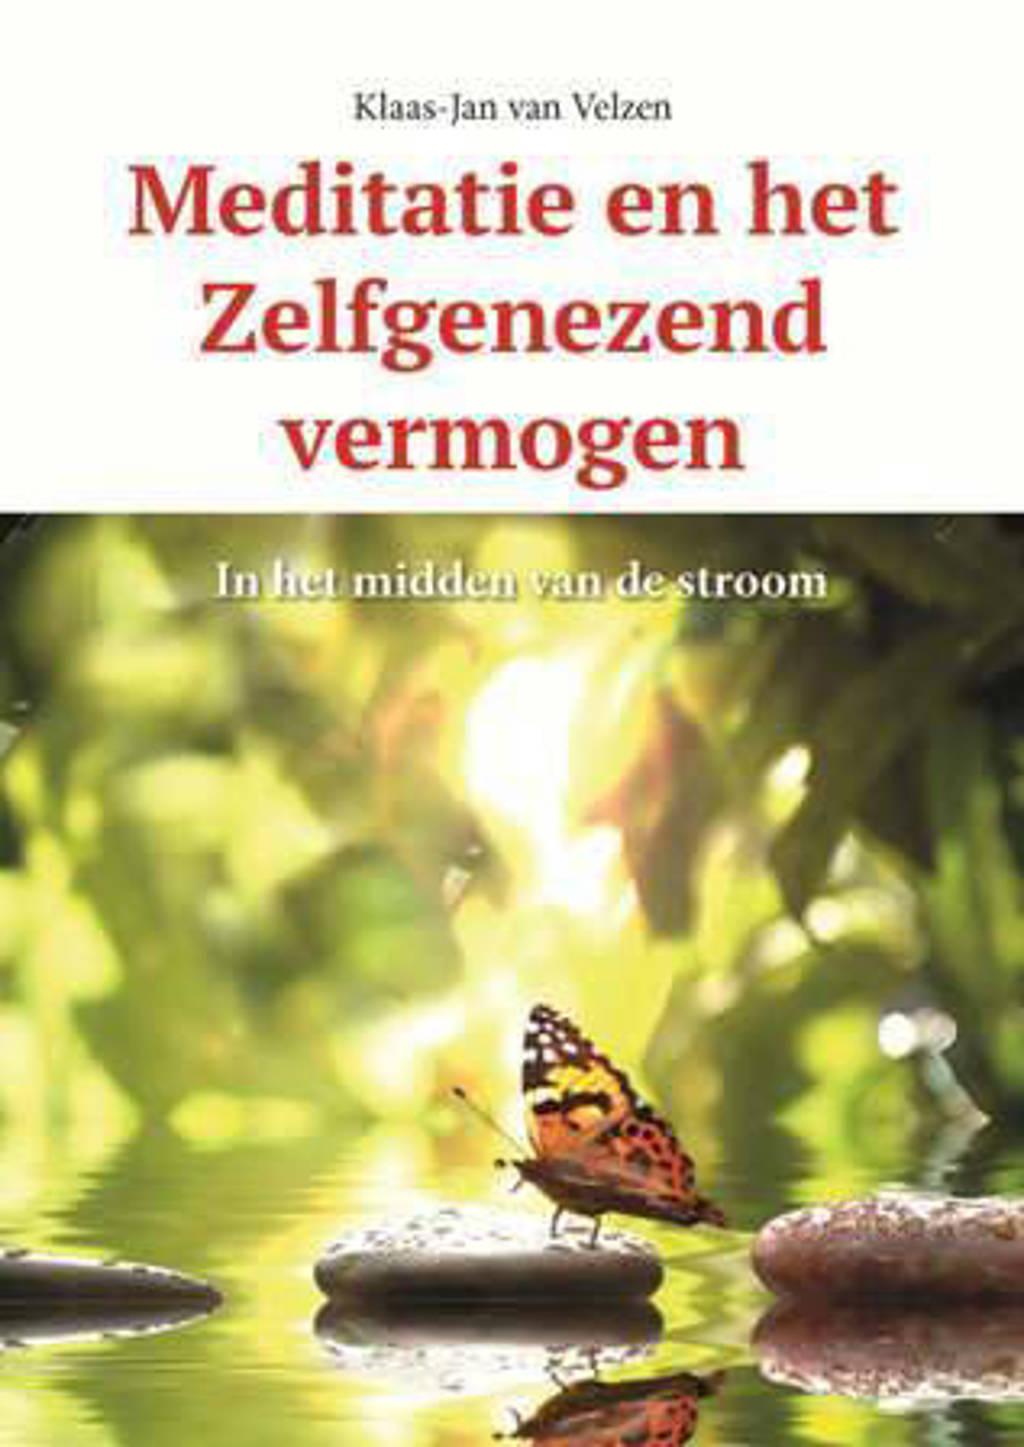 Meditatie en het zelfgenezend vermogen - Klaas-Jan van Velzen